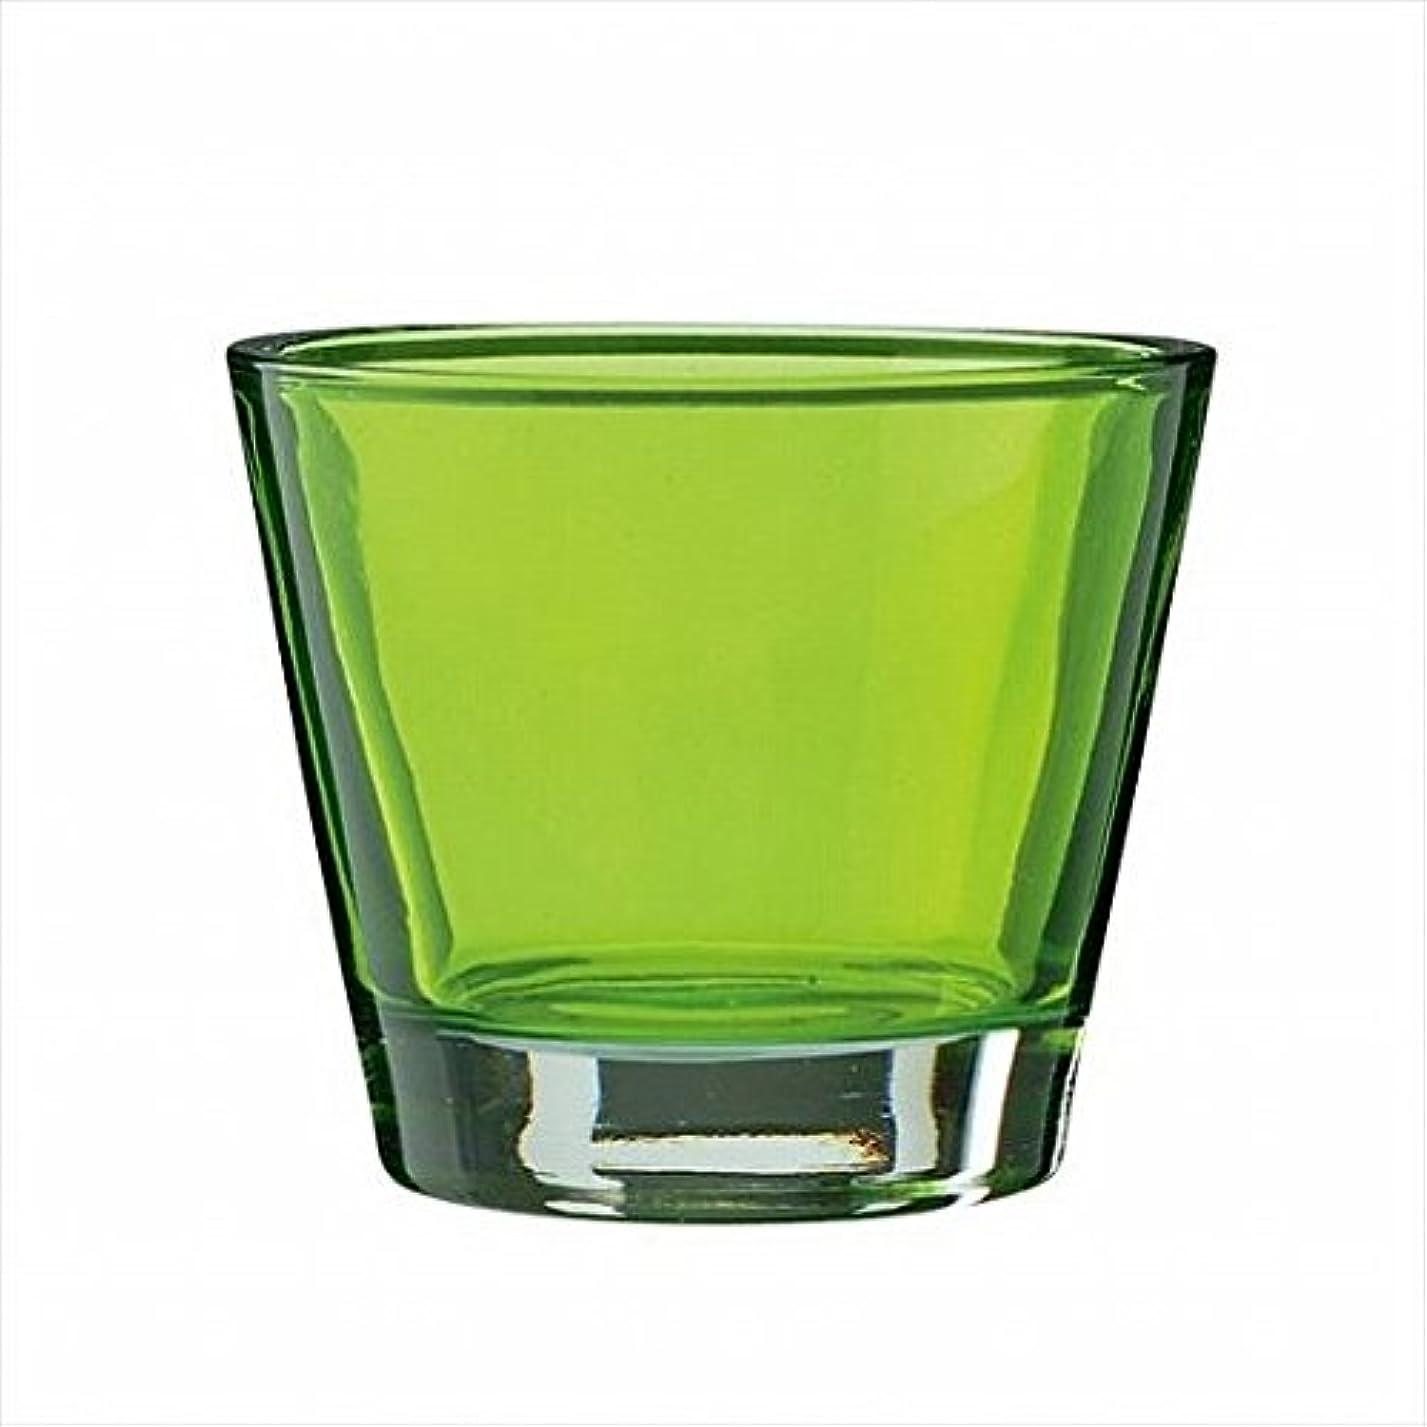 汚れる乏しい一時的kameyama candle(カメヤマキャンドル) カラリス 「 グリーン 」 キャンドル 82x82x70mm (J2540000G)